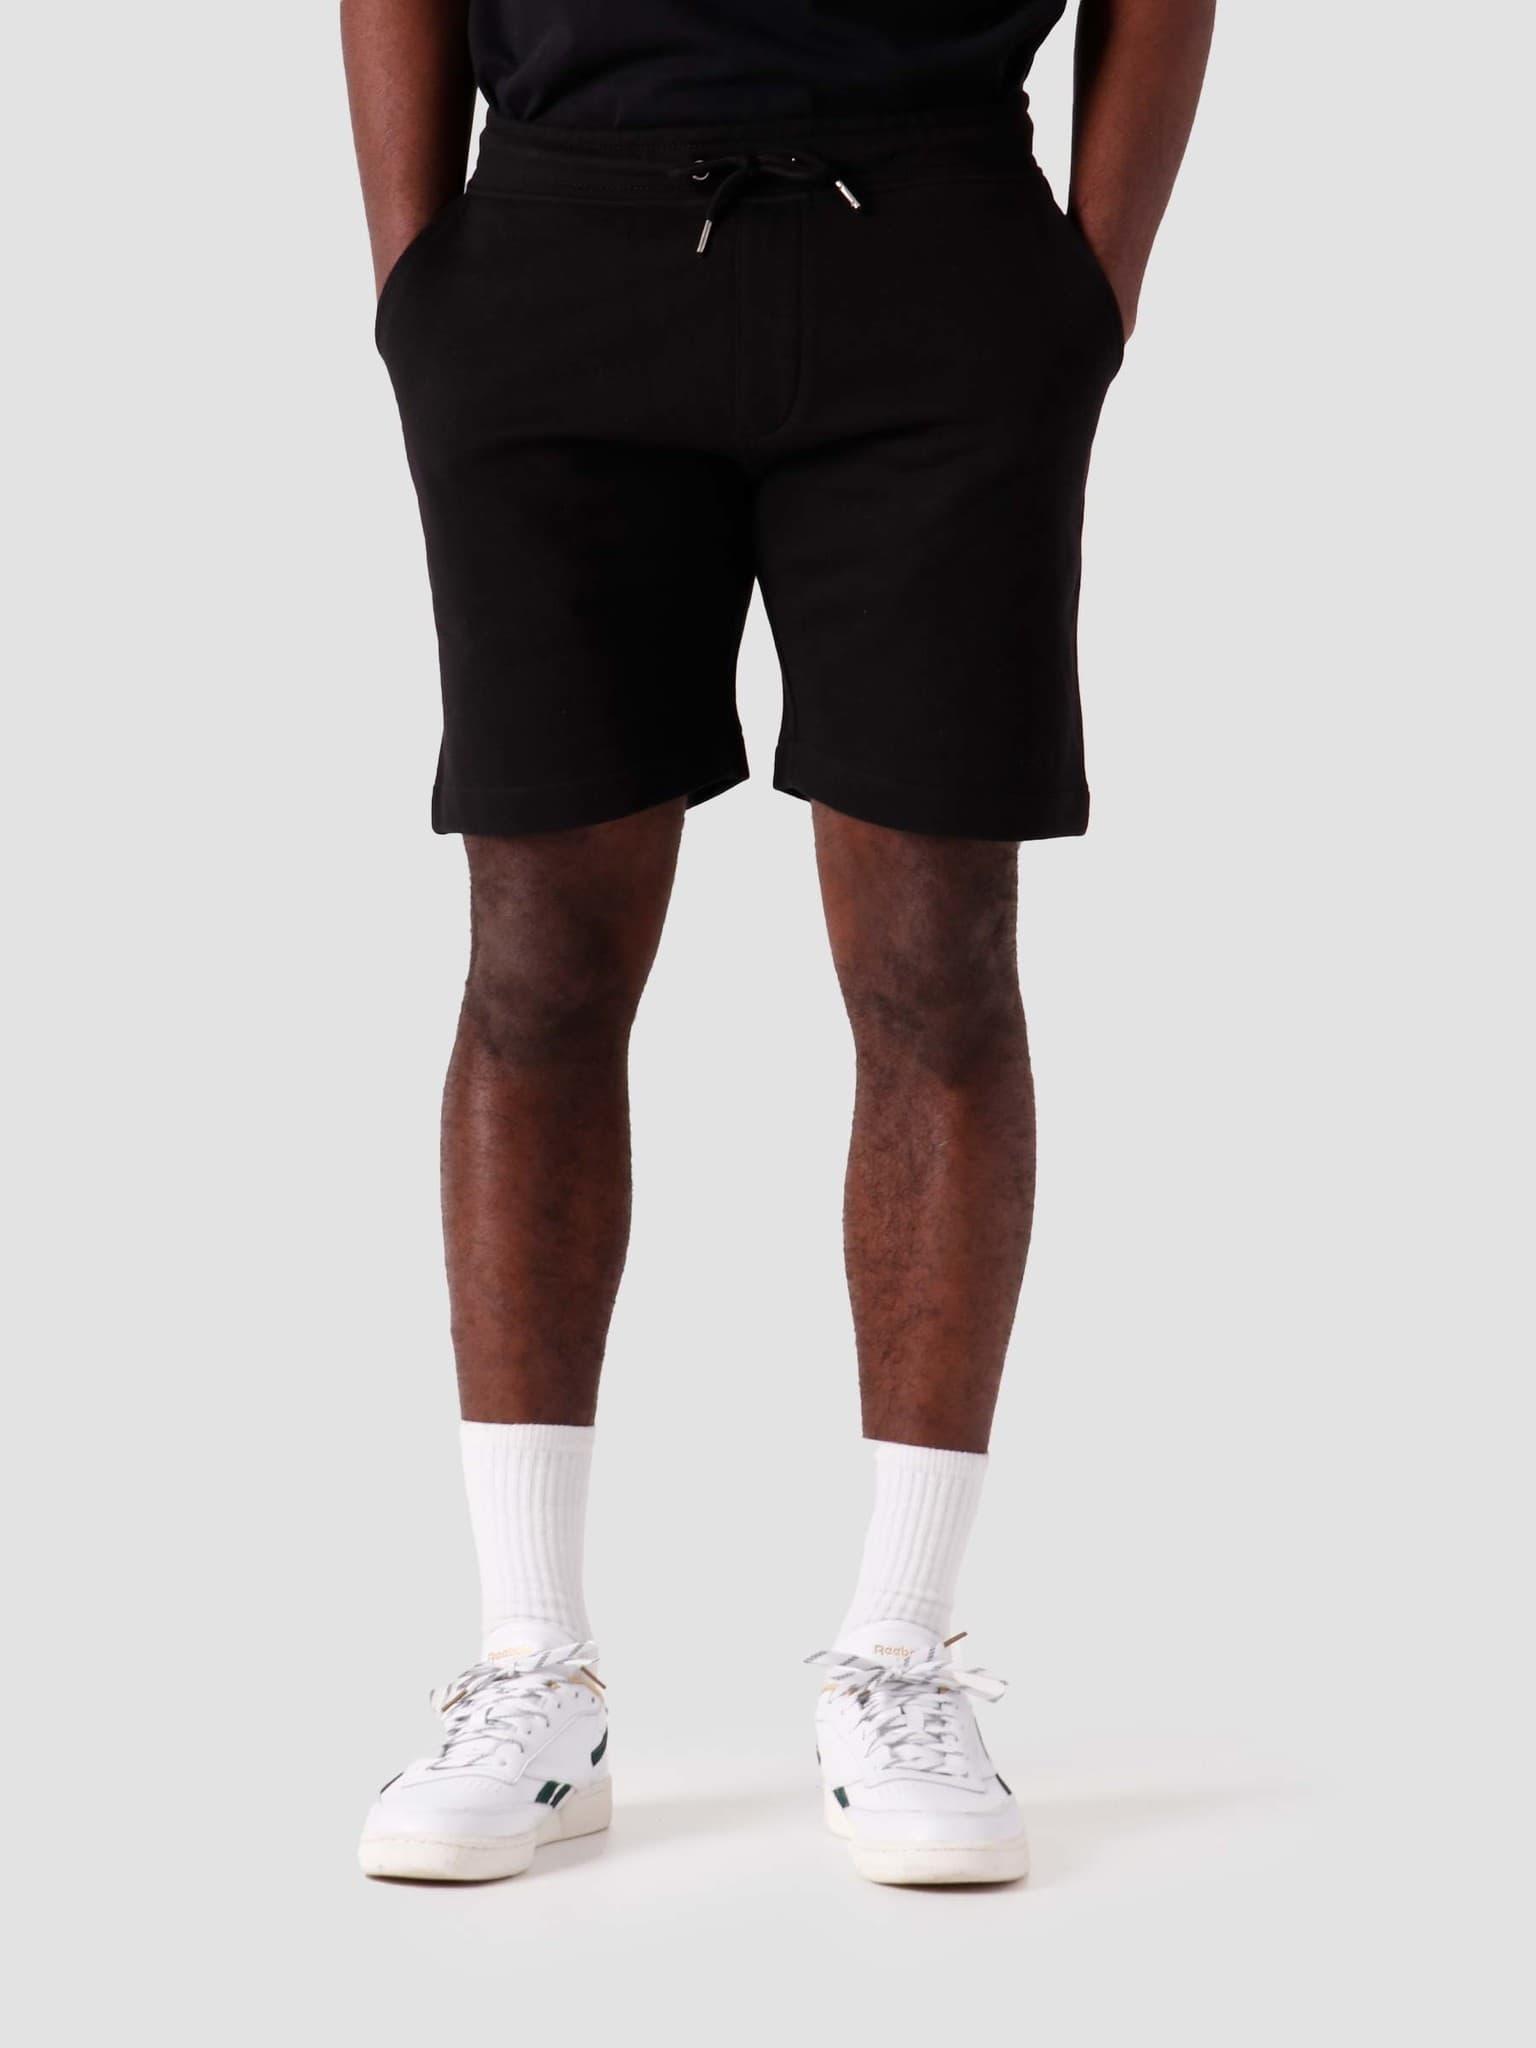 QB30 Sweat Short Black